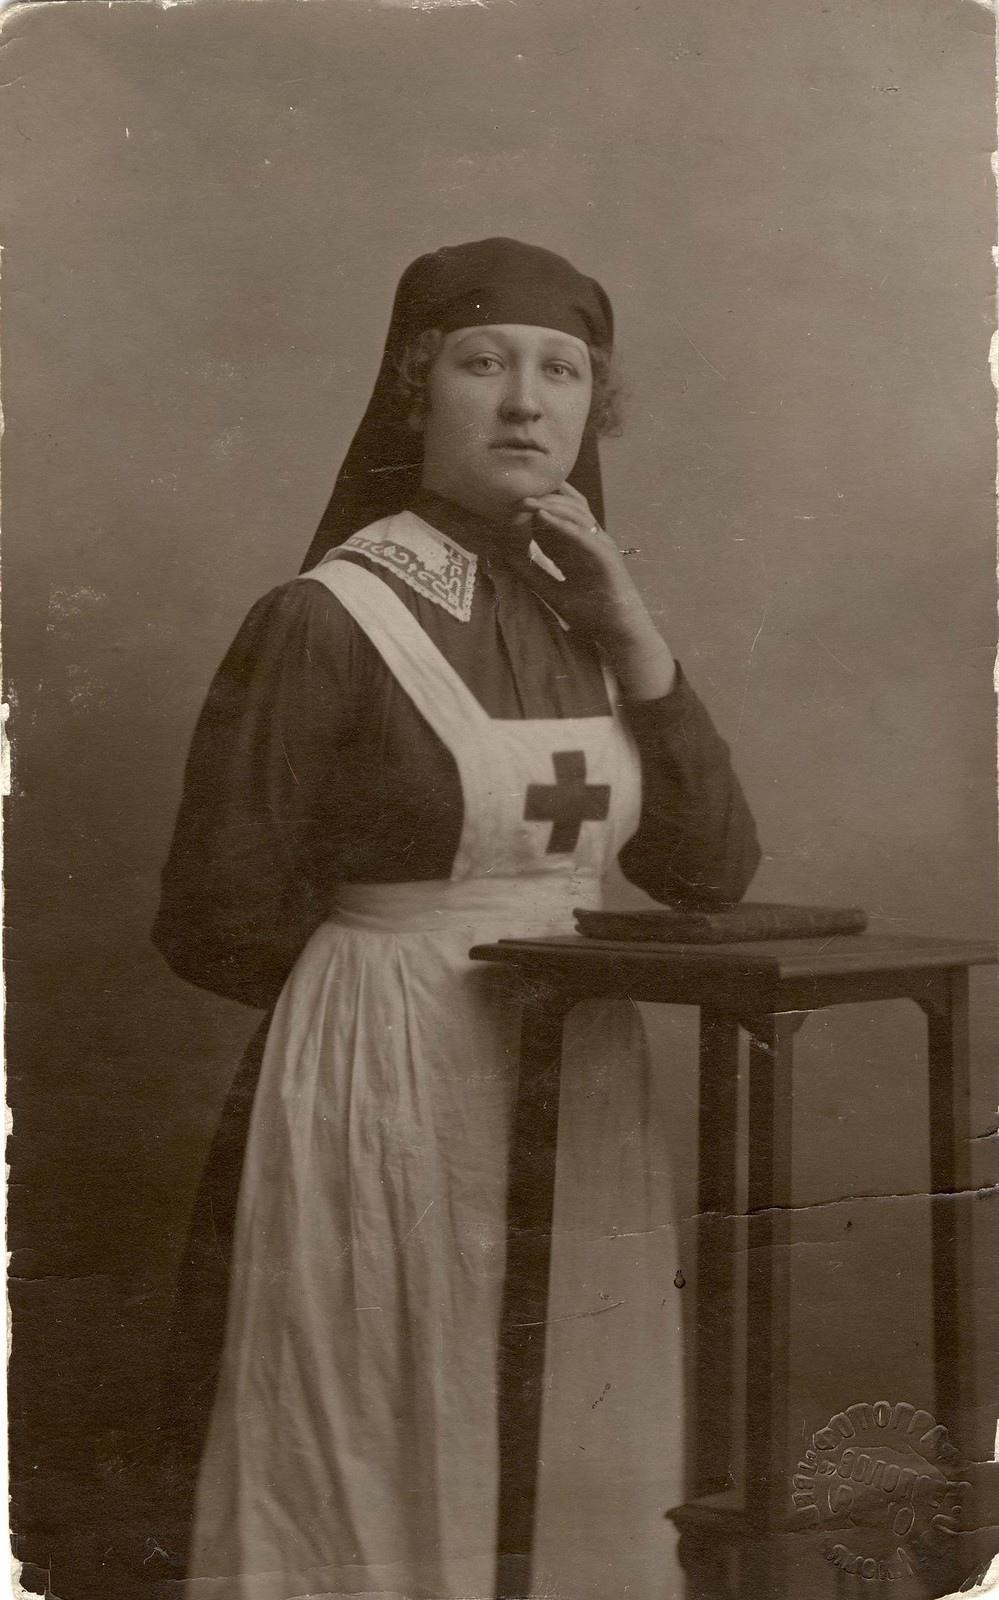 1917. Сестра Красного креста,  Жилкина Н., погибшая на фронте. Вечный помин.